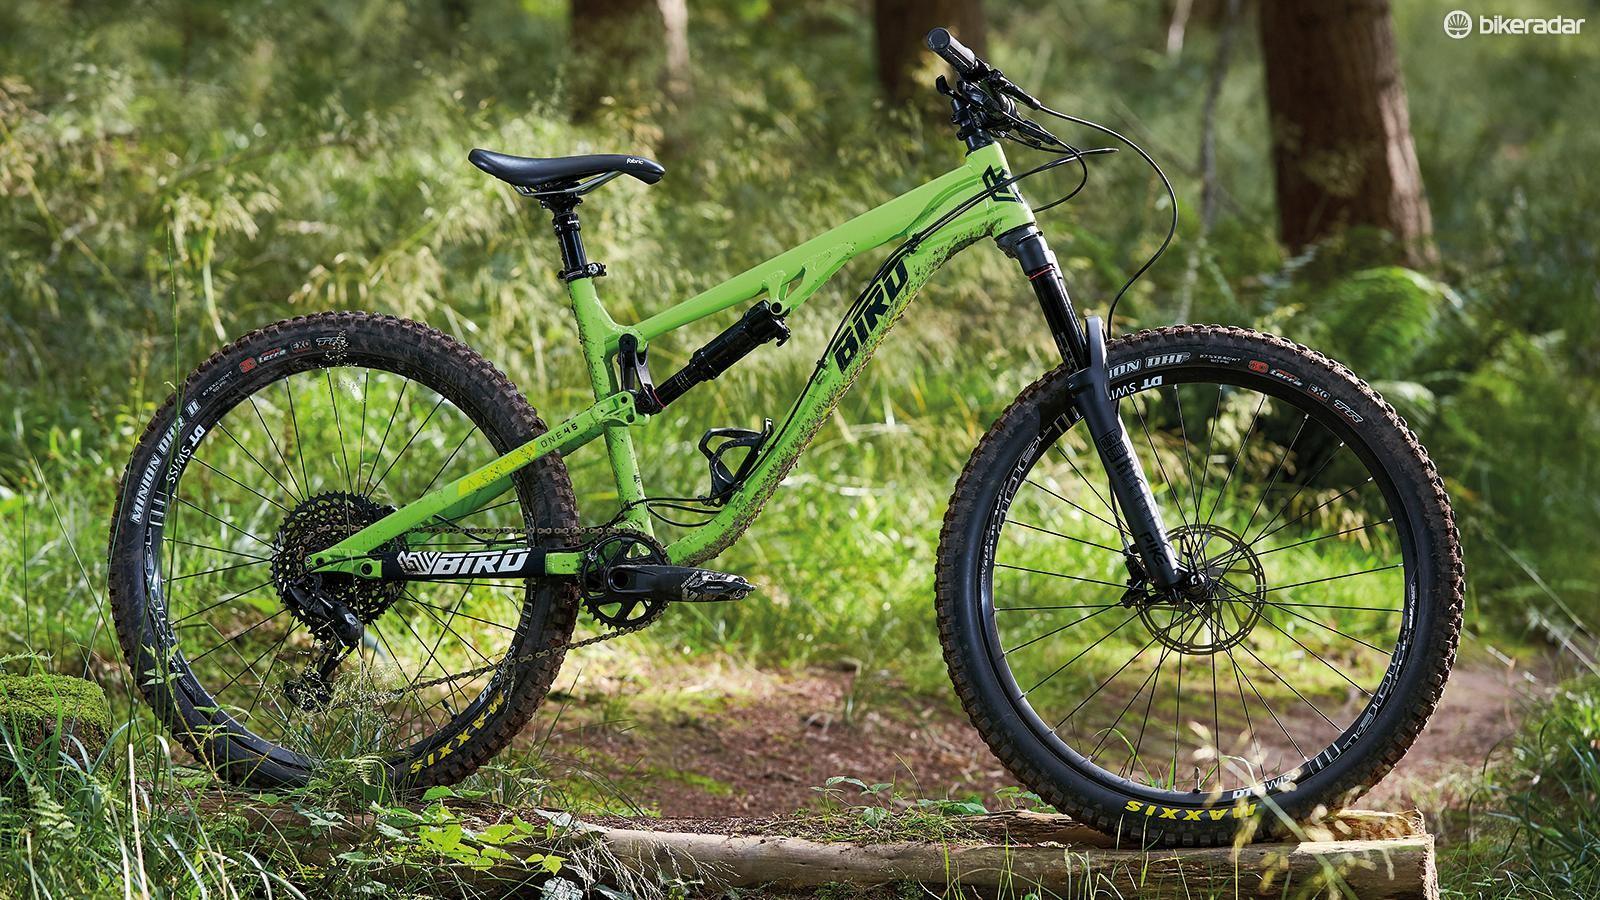 The Aeris feels like more of an enduro than trail bike